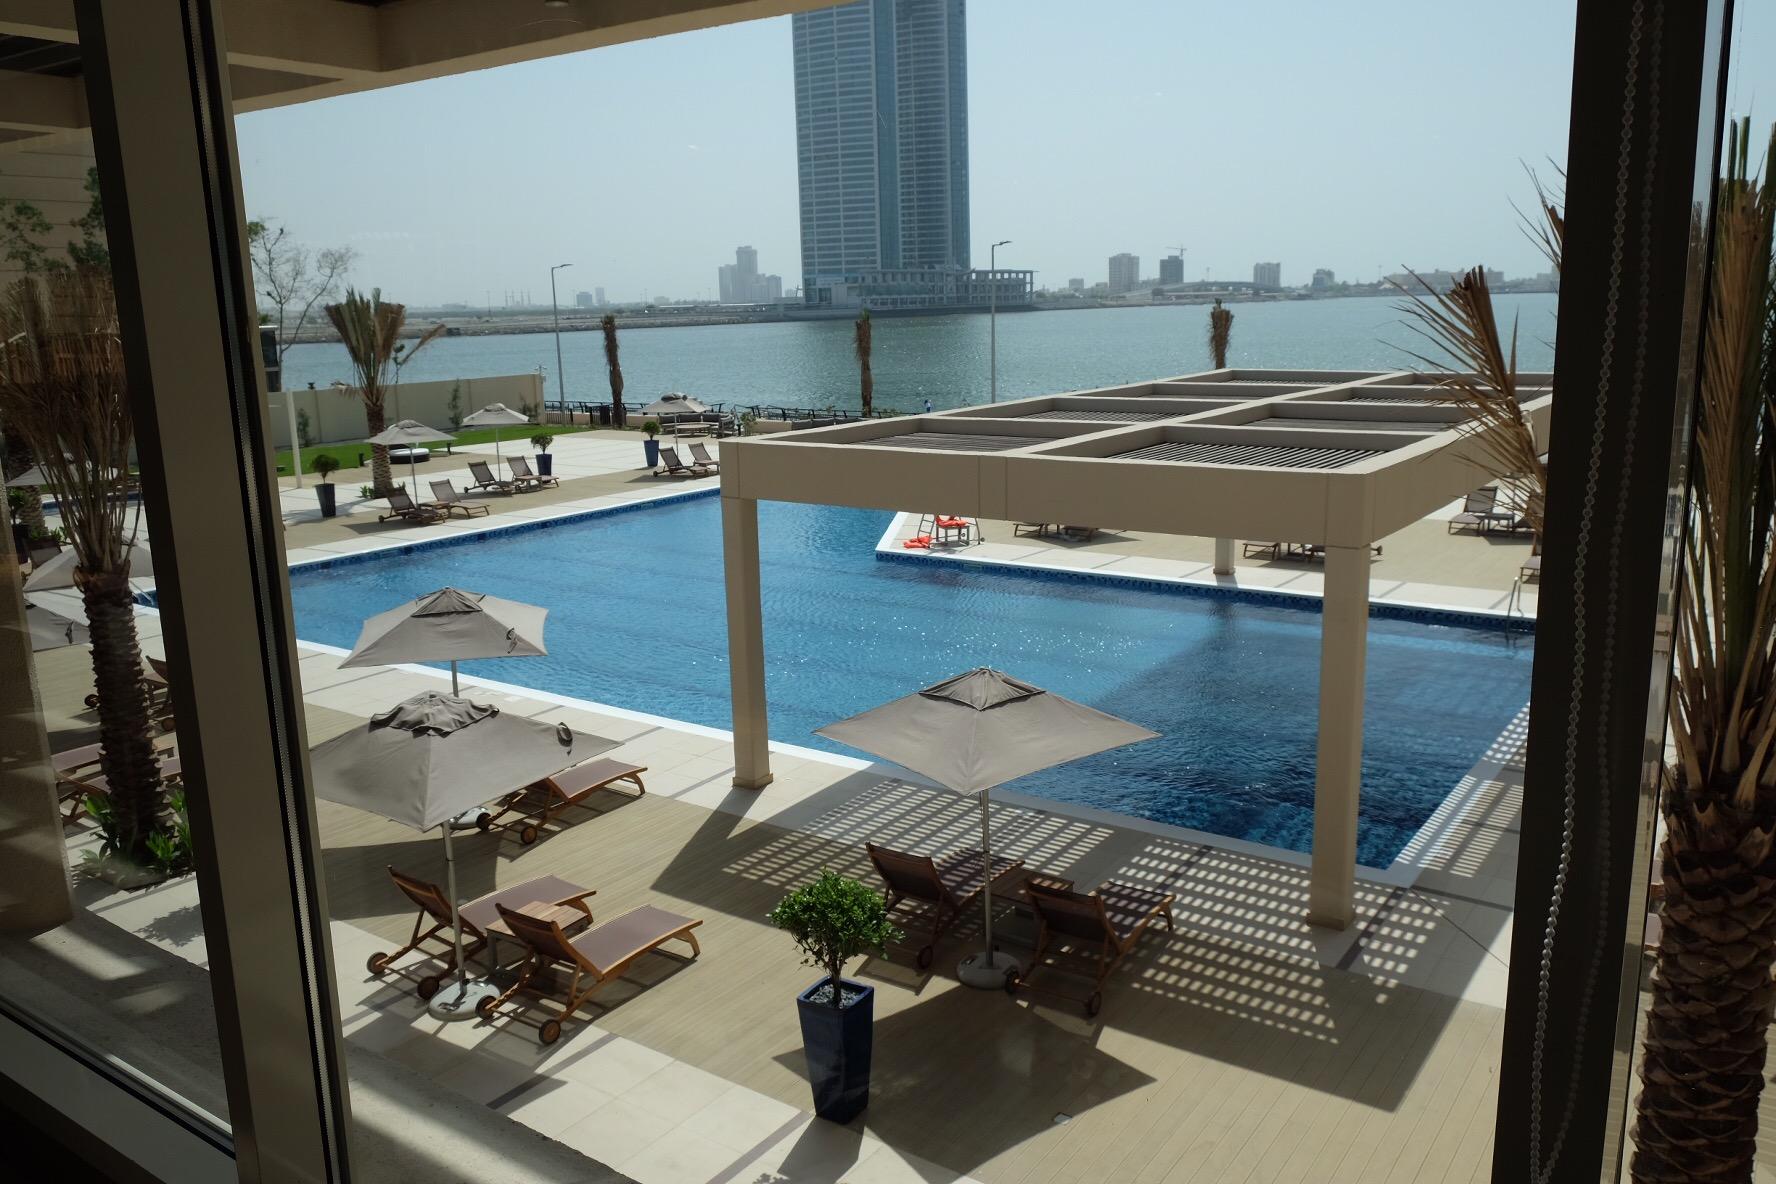 Hilton Garden Inn Ras Al Khaimah  U2013 Nilofar Khan